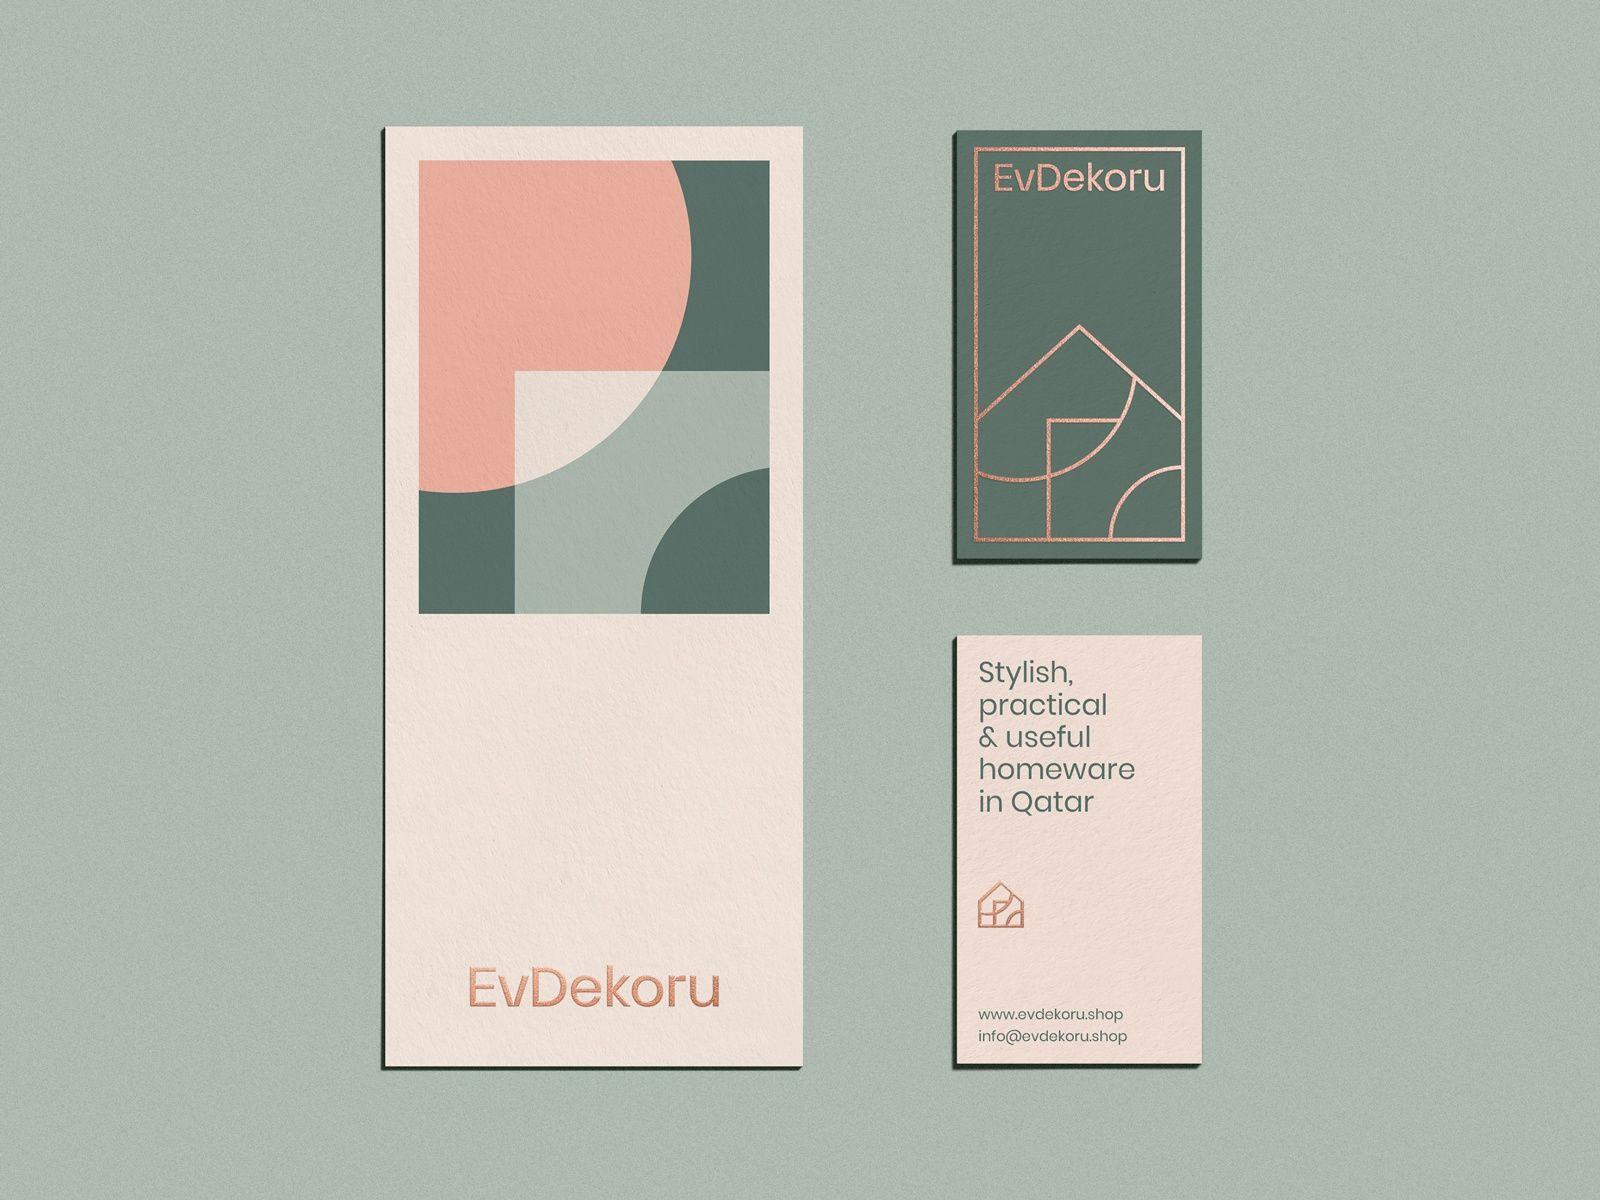 EvDekoru Stationery